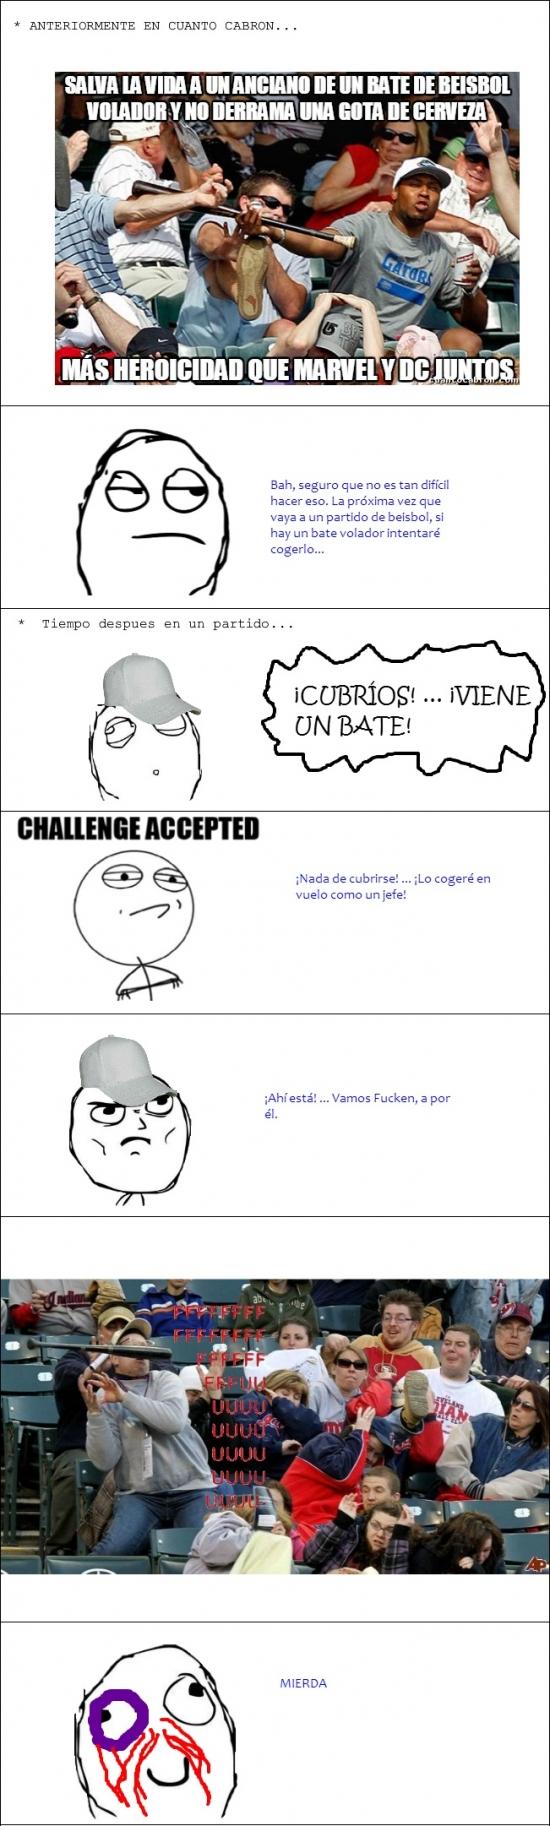 Challenge_accepted - No es buena idea tratar de imitar todo lo que ves en Internet